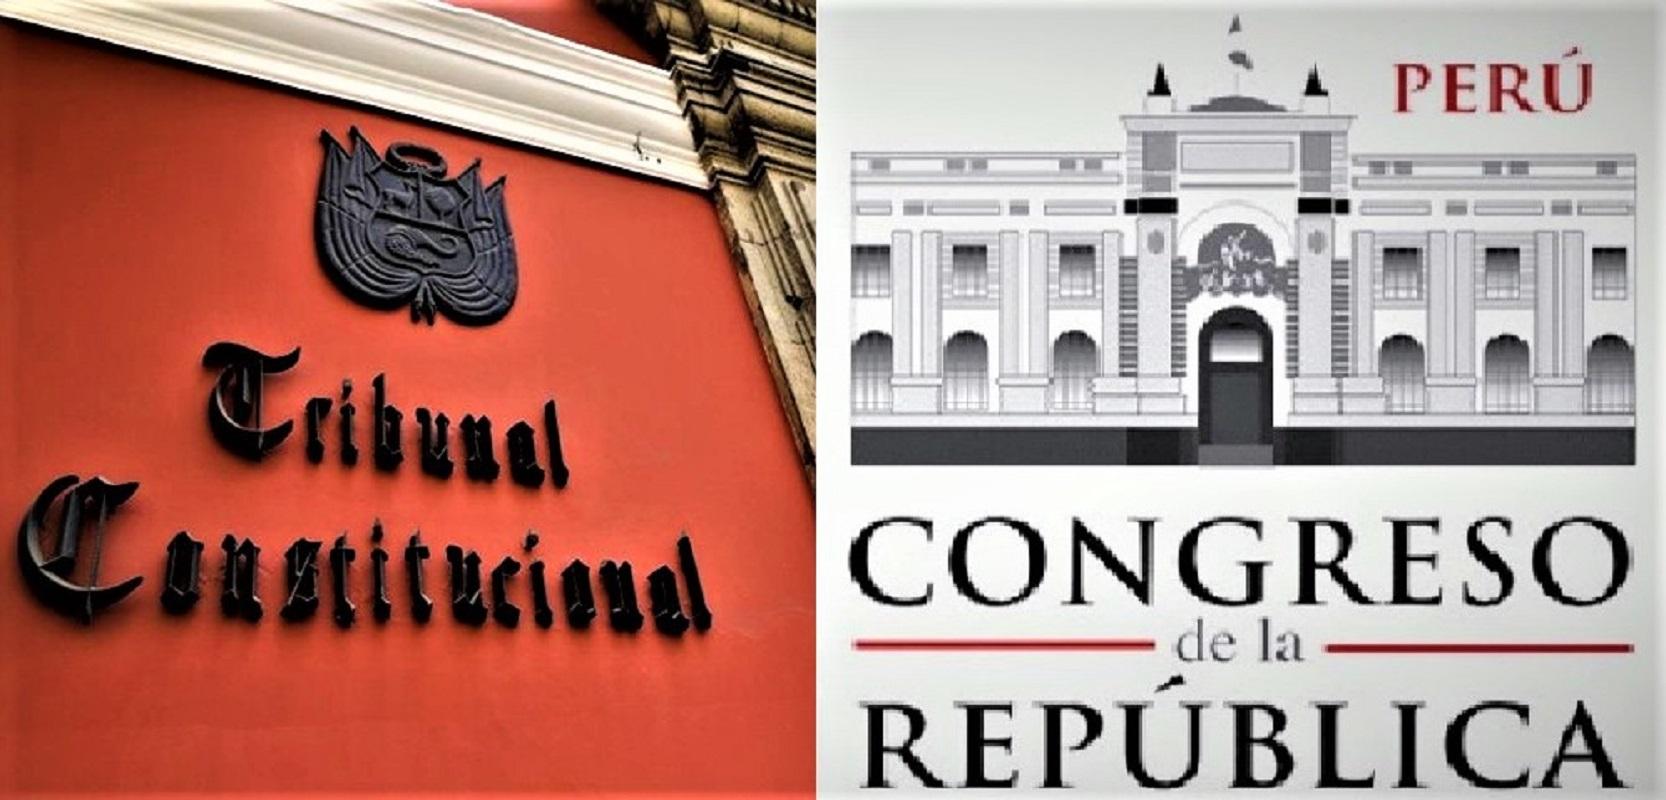 Comisión especial del Congreso aprobó proceso de selección de candidatos a magistrados del Tribunal Constitucional.